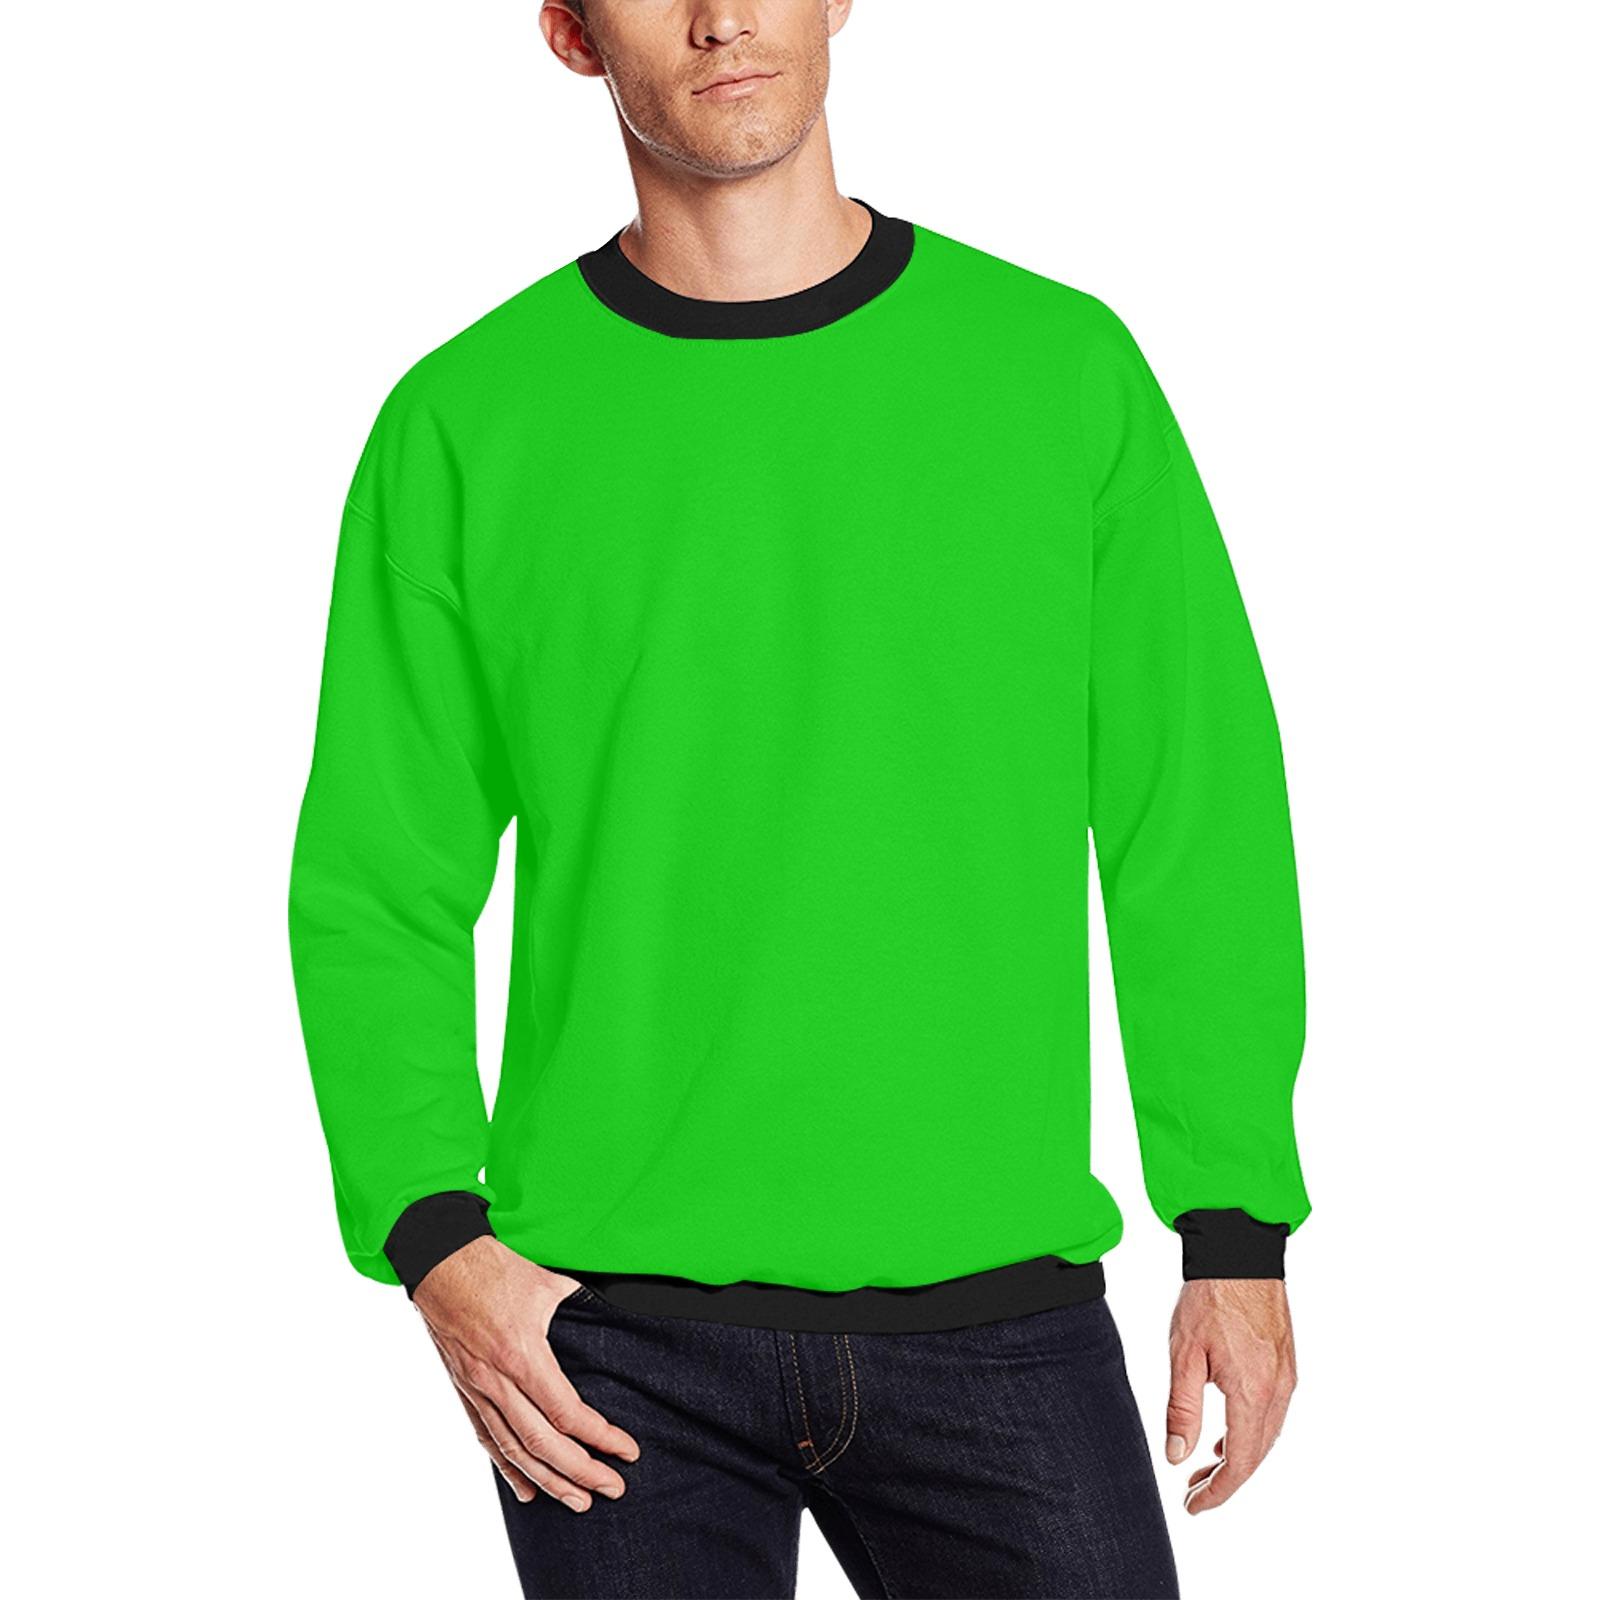 Merry Christmas Green Solid Color Men's Oversized Fleece Crew Sweatshirt (Model H18)